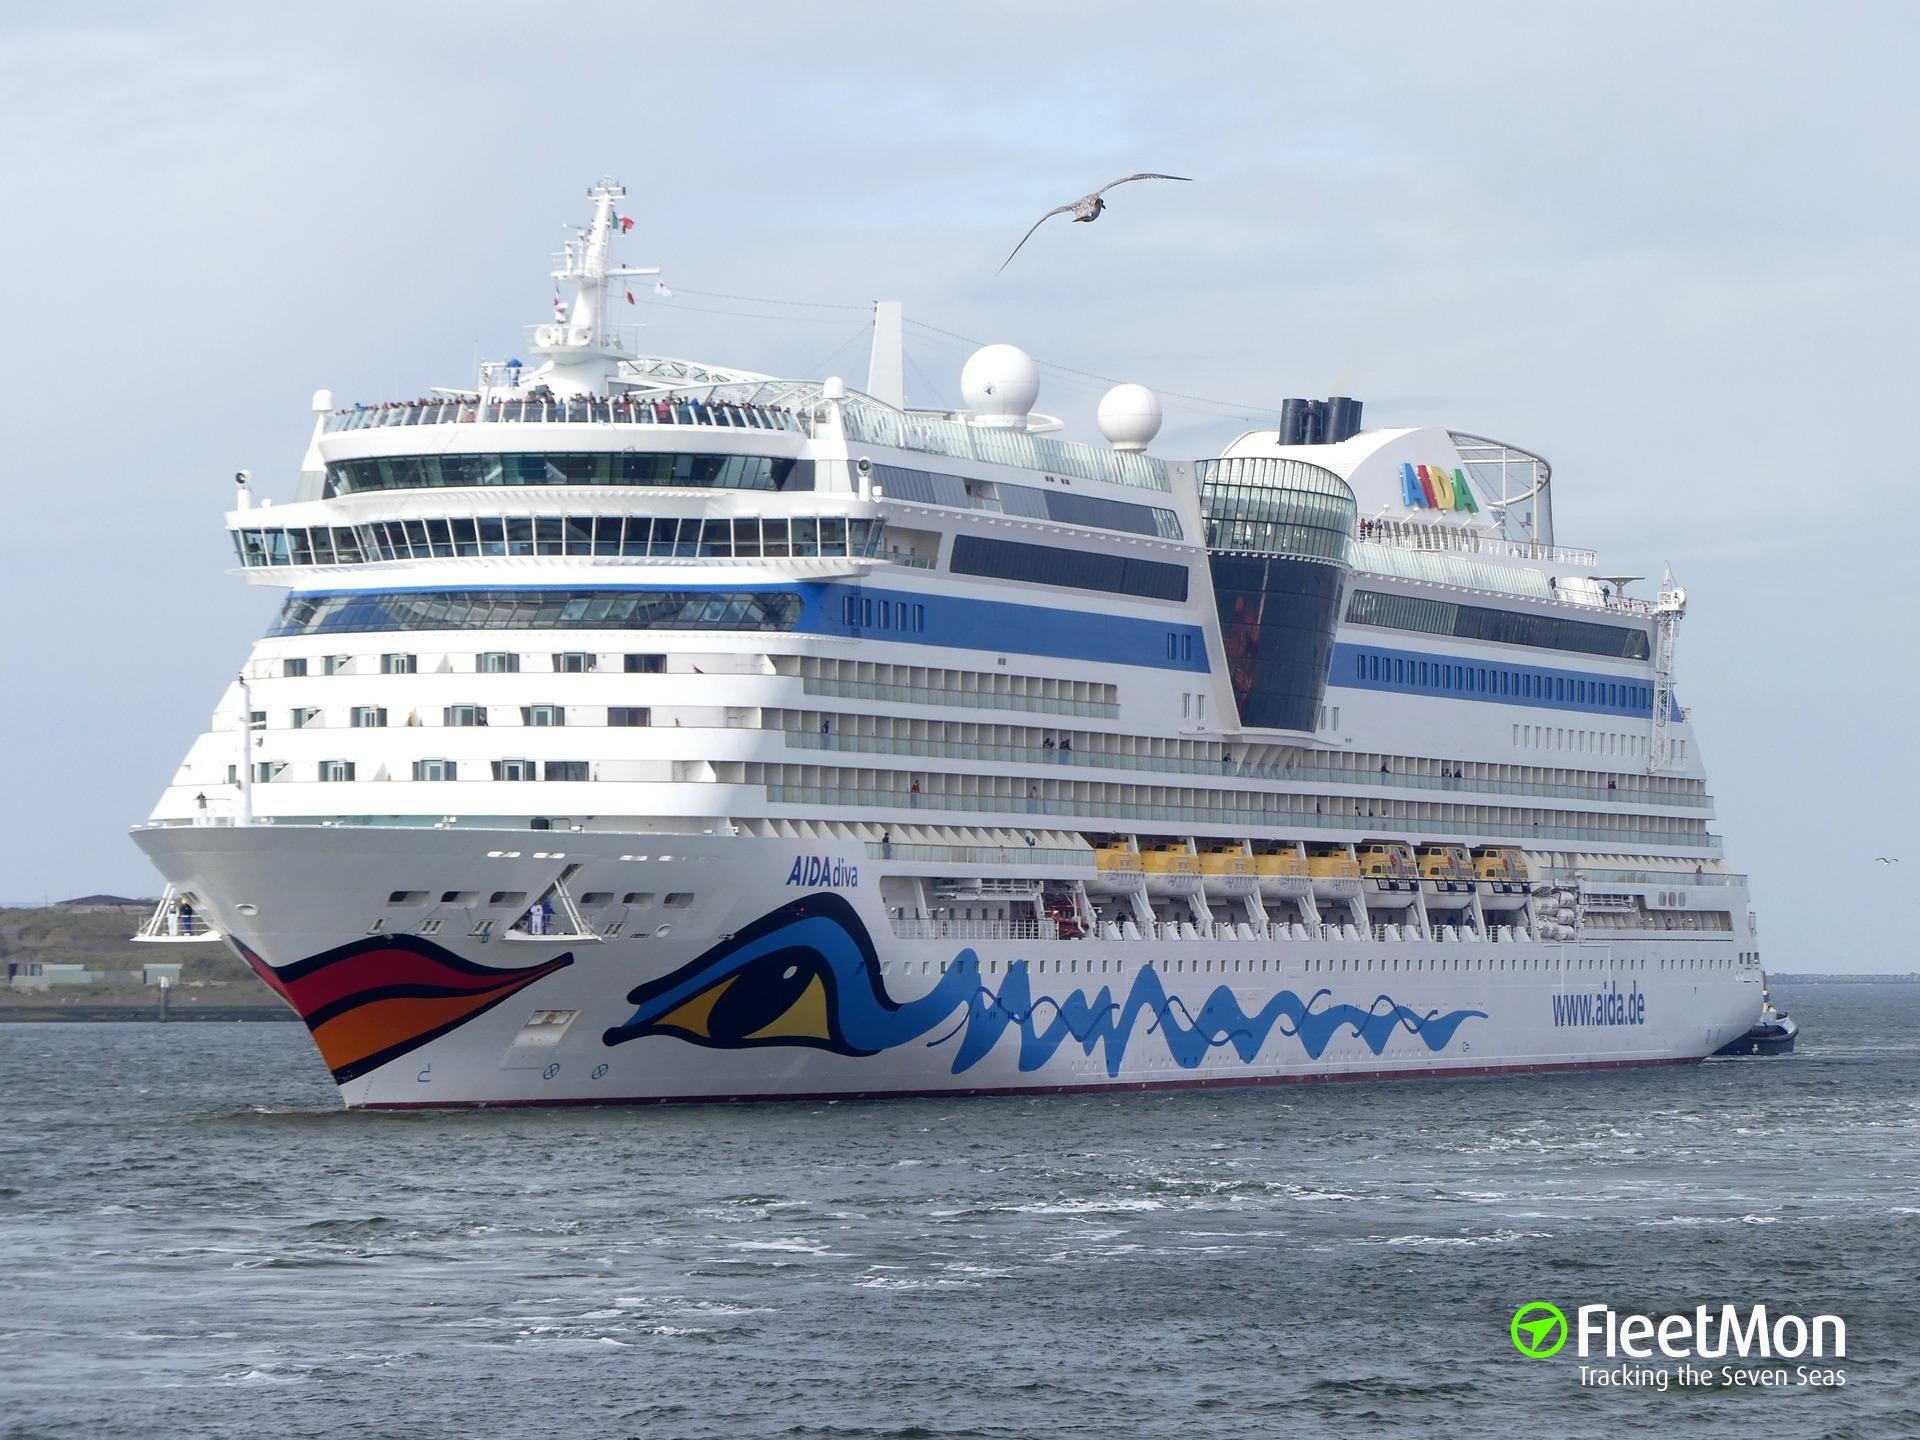 Cruise liner AIDAdiva hit by rocket debris, Israel